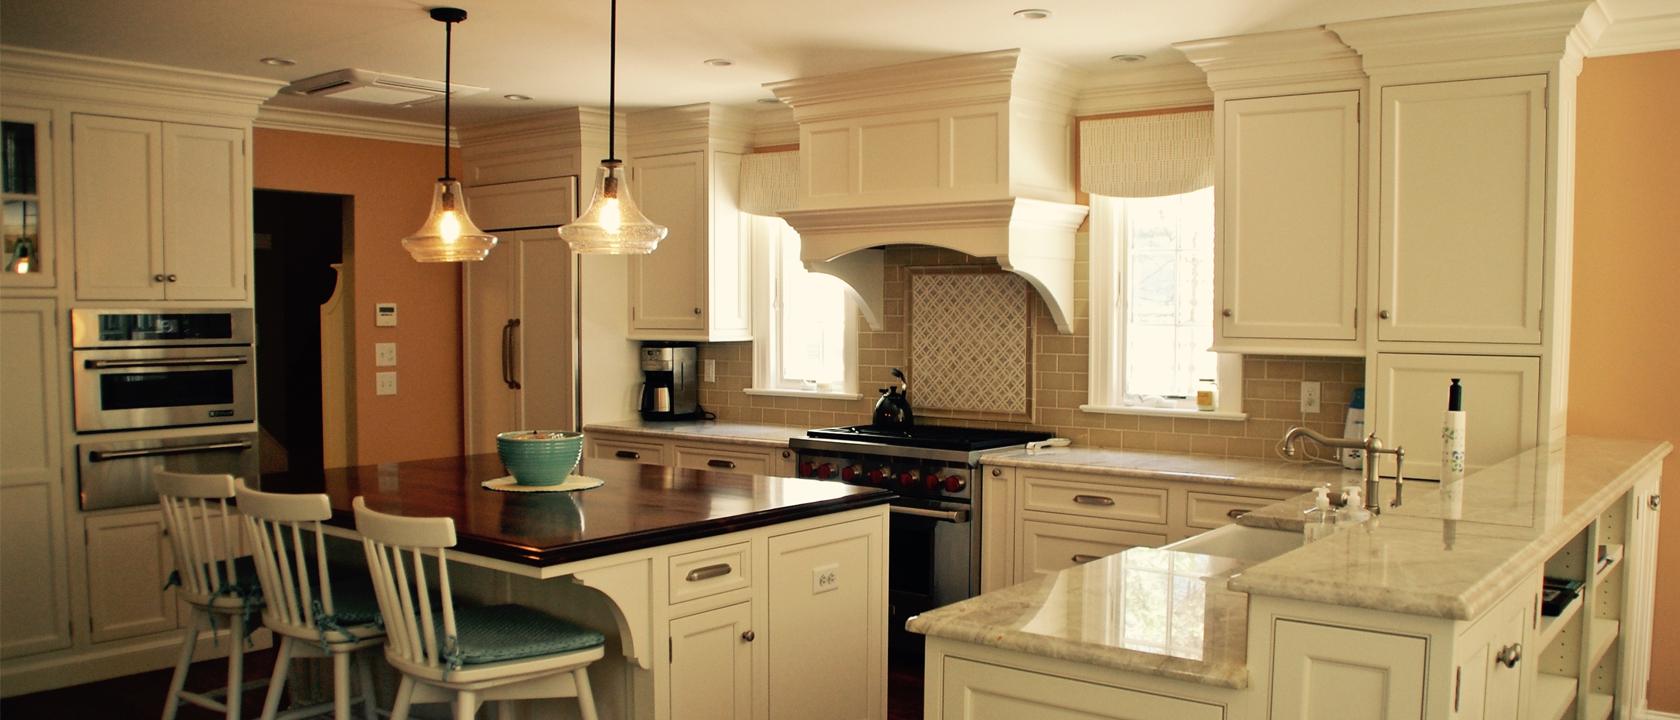 Homepage Slider Image:  Kitchen Remodeling